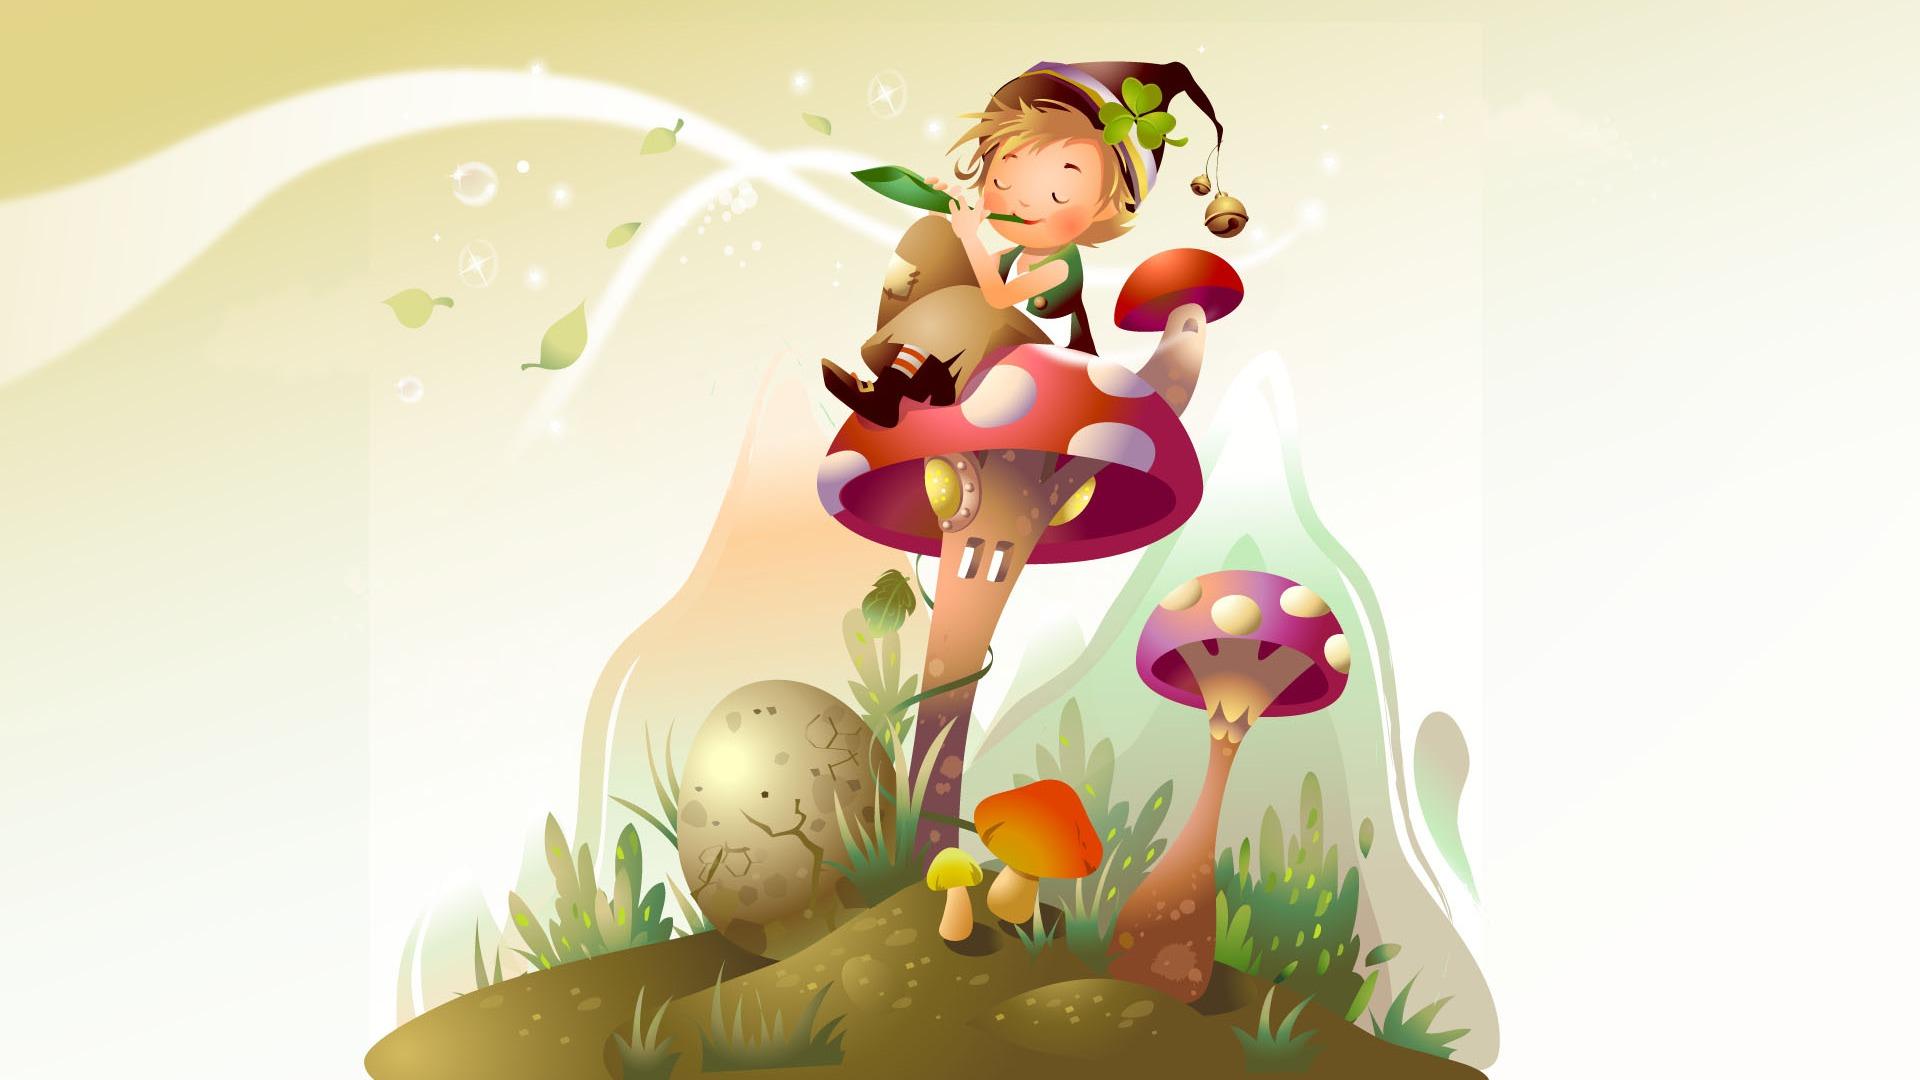 fairy tales vector wallpaper (2) #10 - 1920x1080 wallpaper download